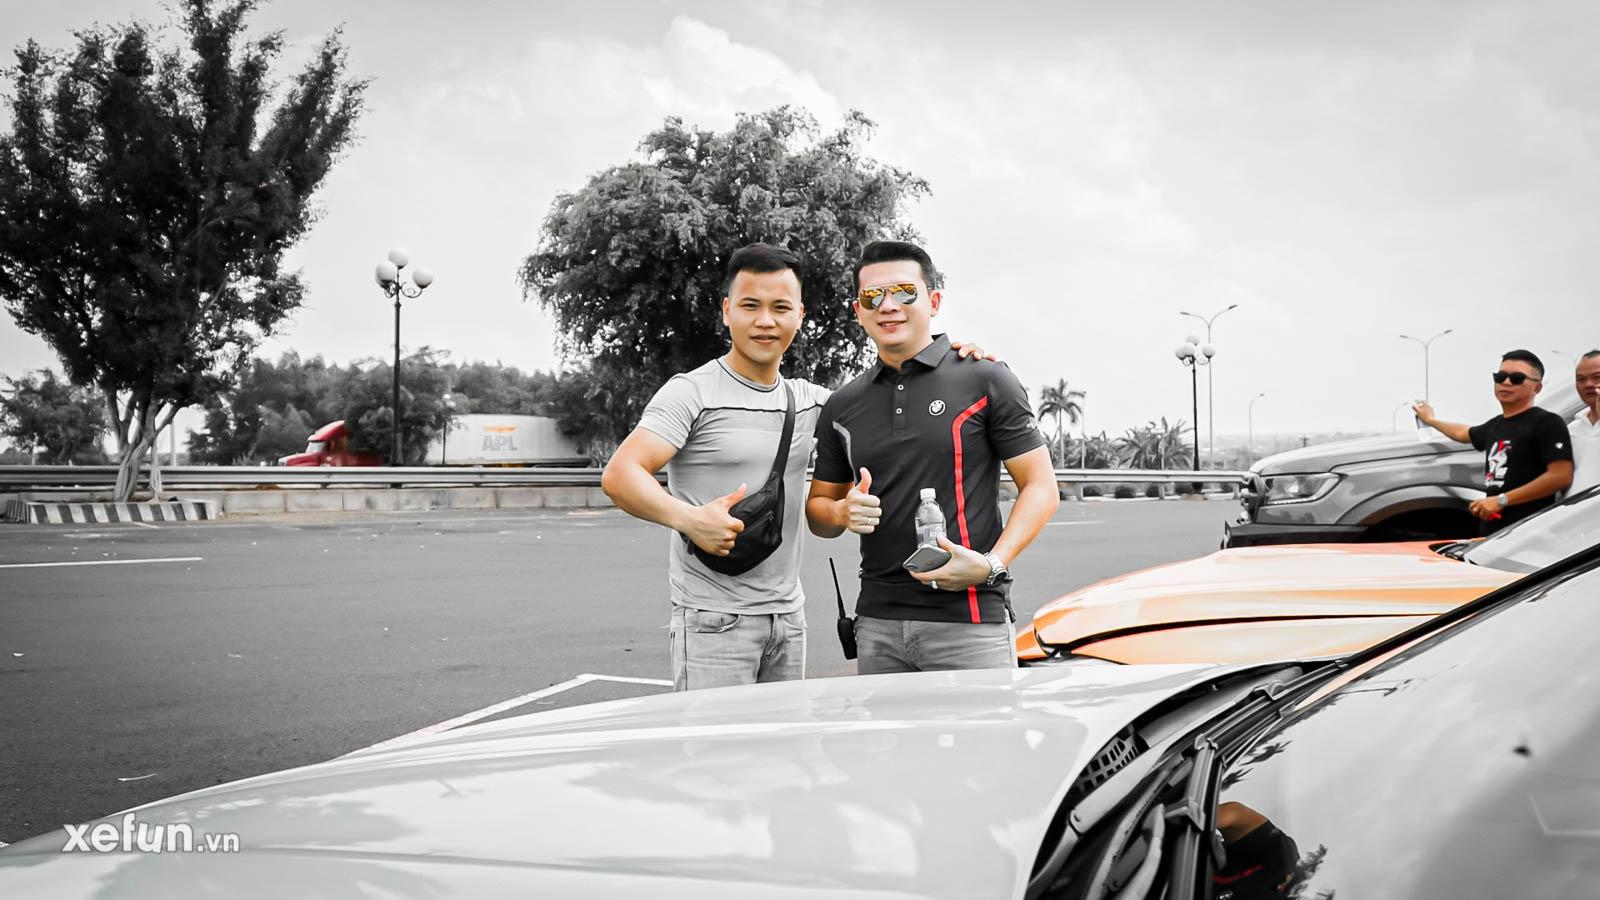 Summer Trip Mãn nhãn với dàn siêu xe tiền tỷ tại buổi offline của Hội Yêu Xe Đức Xefun - 243645